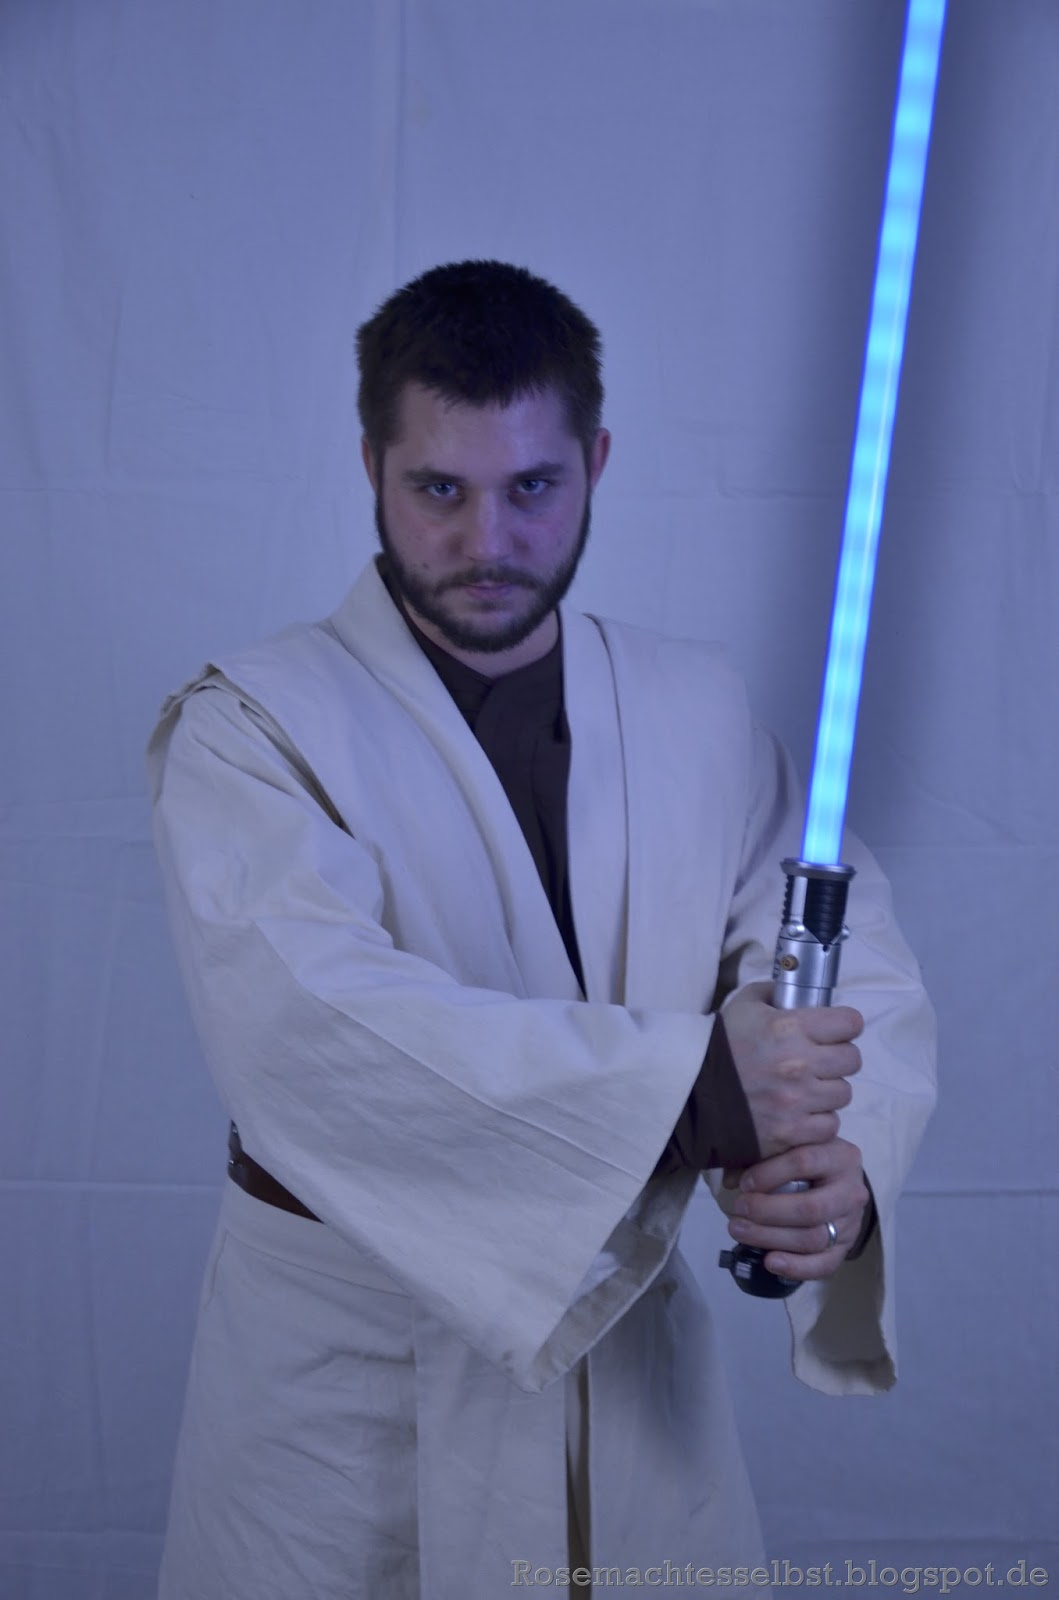 Rose macht es selbst: Photos vom Jedi Nr. 2